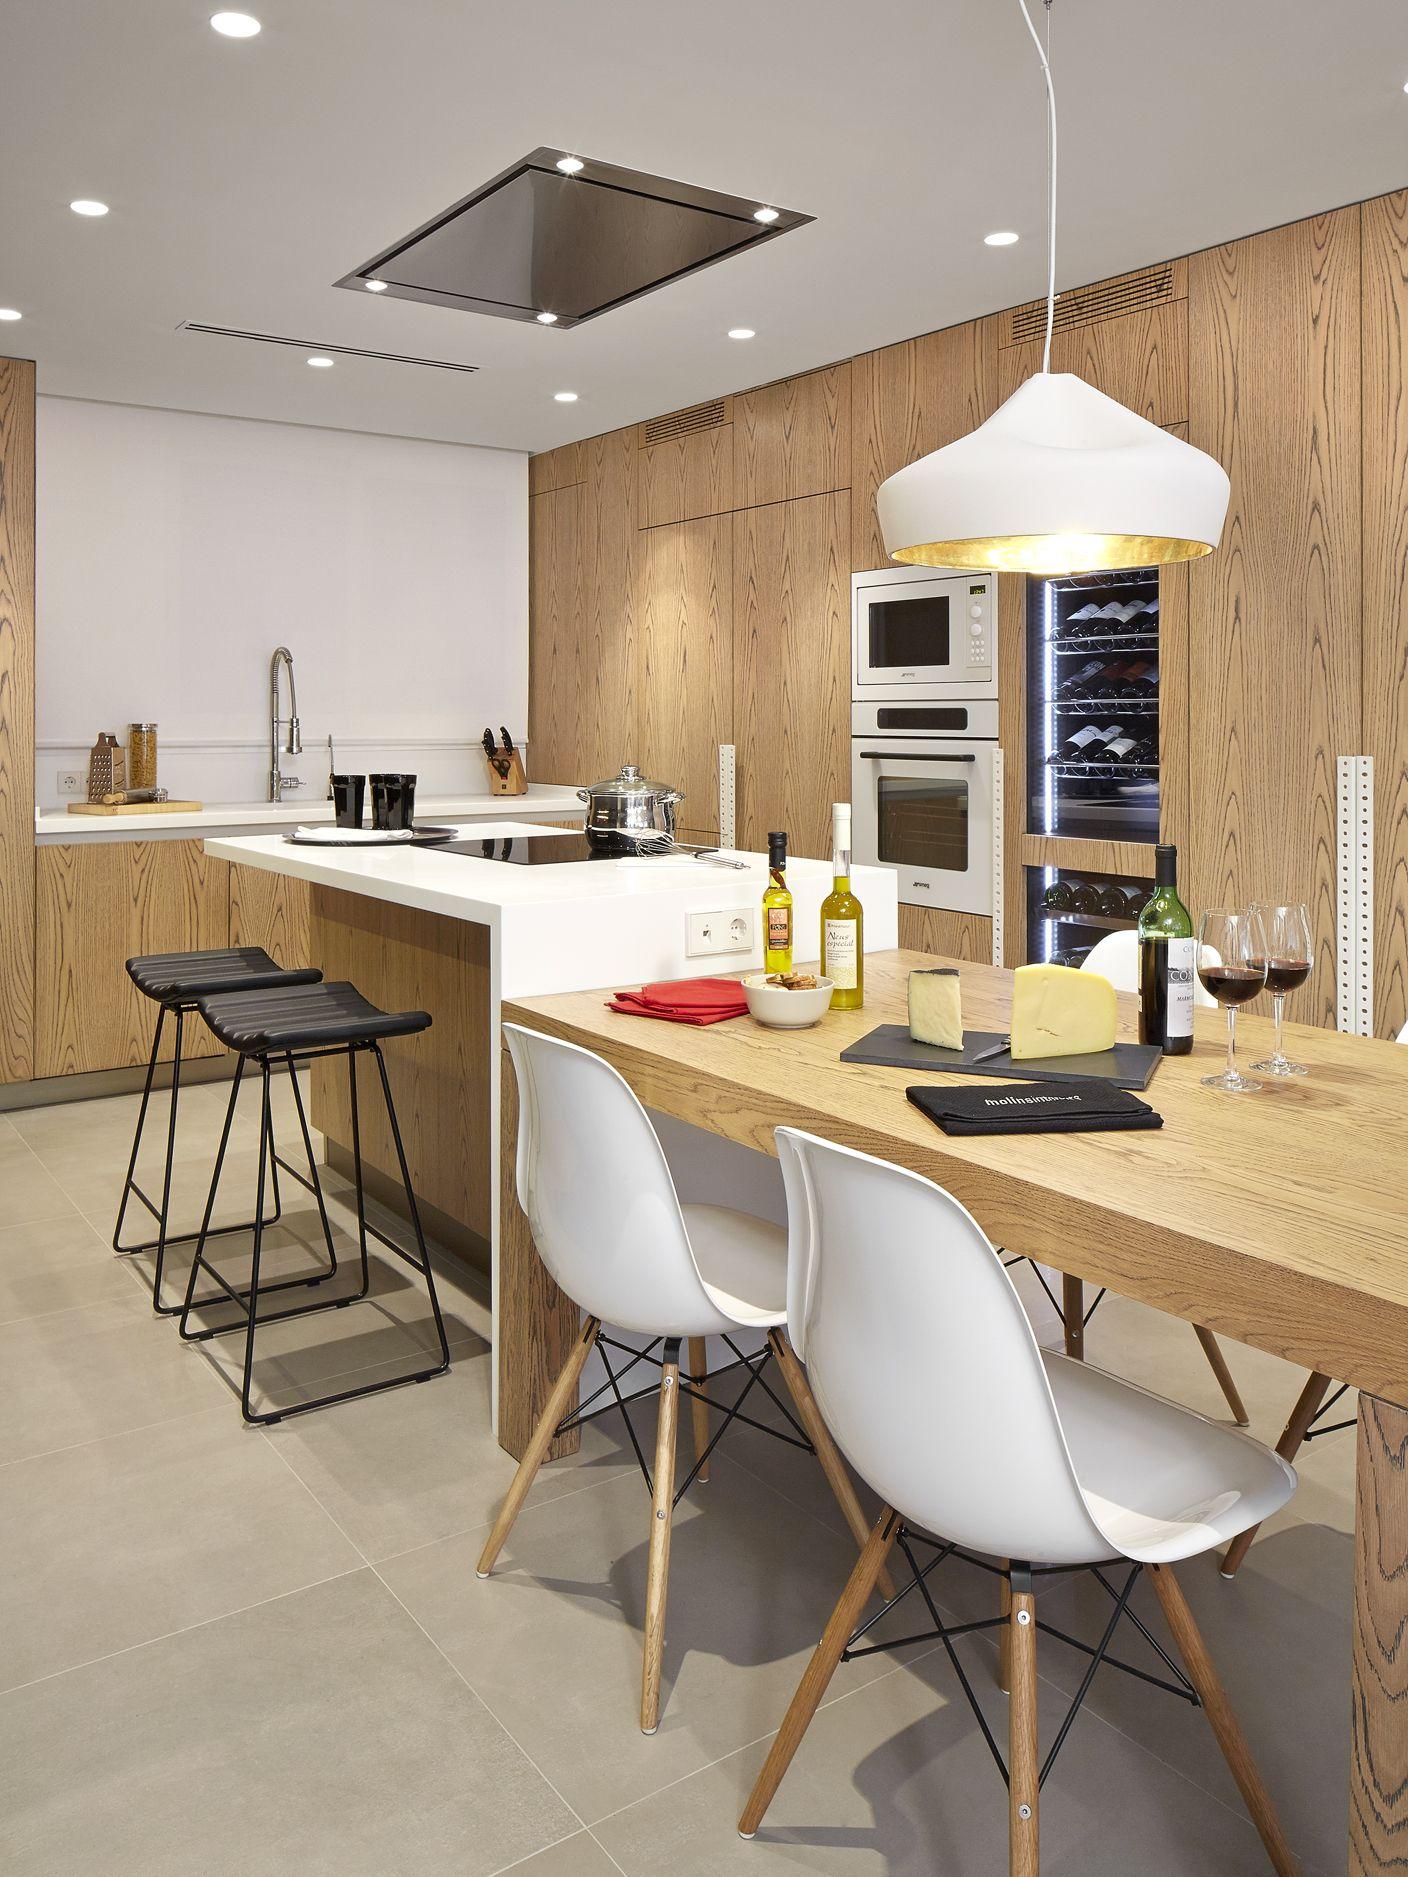 Molins Interiors Arquitectura Interior Cocina Abierta